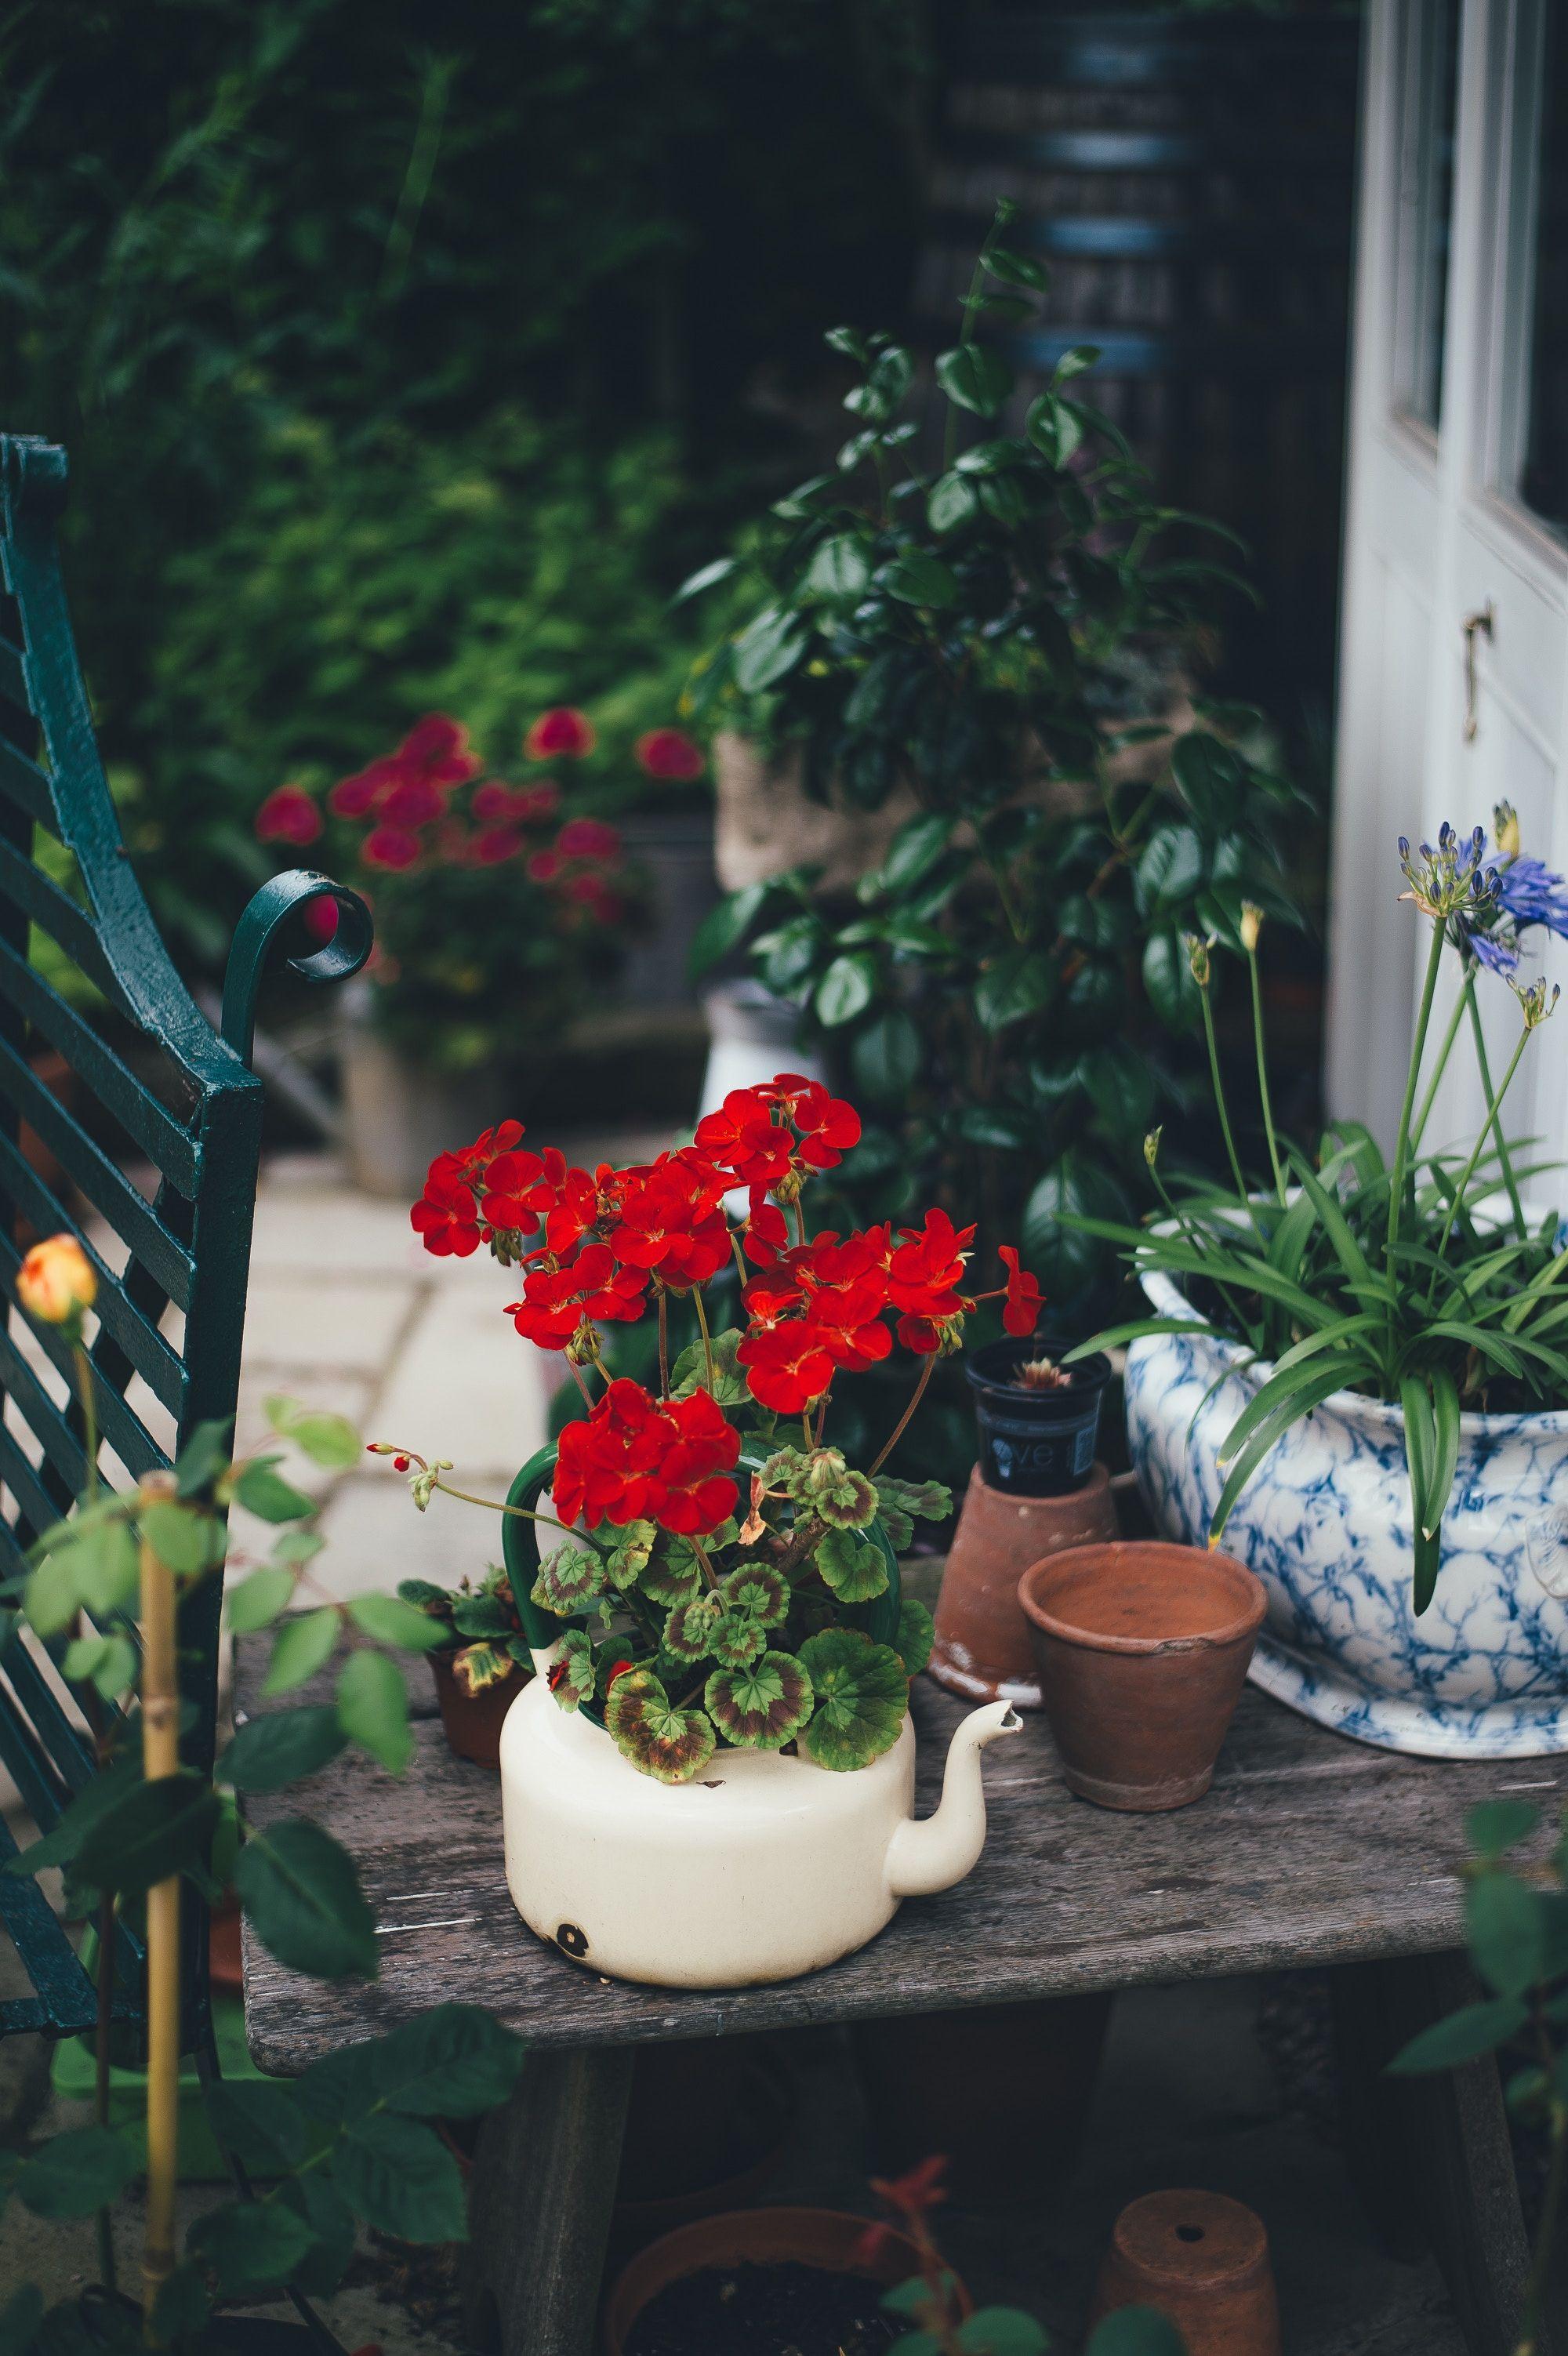 blomster-i-hage